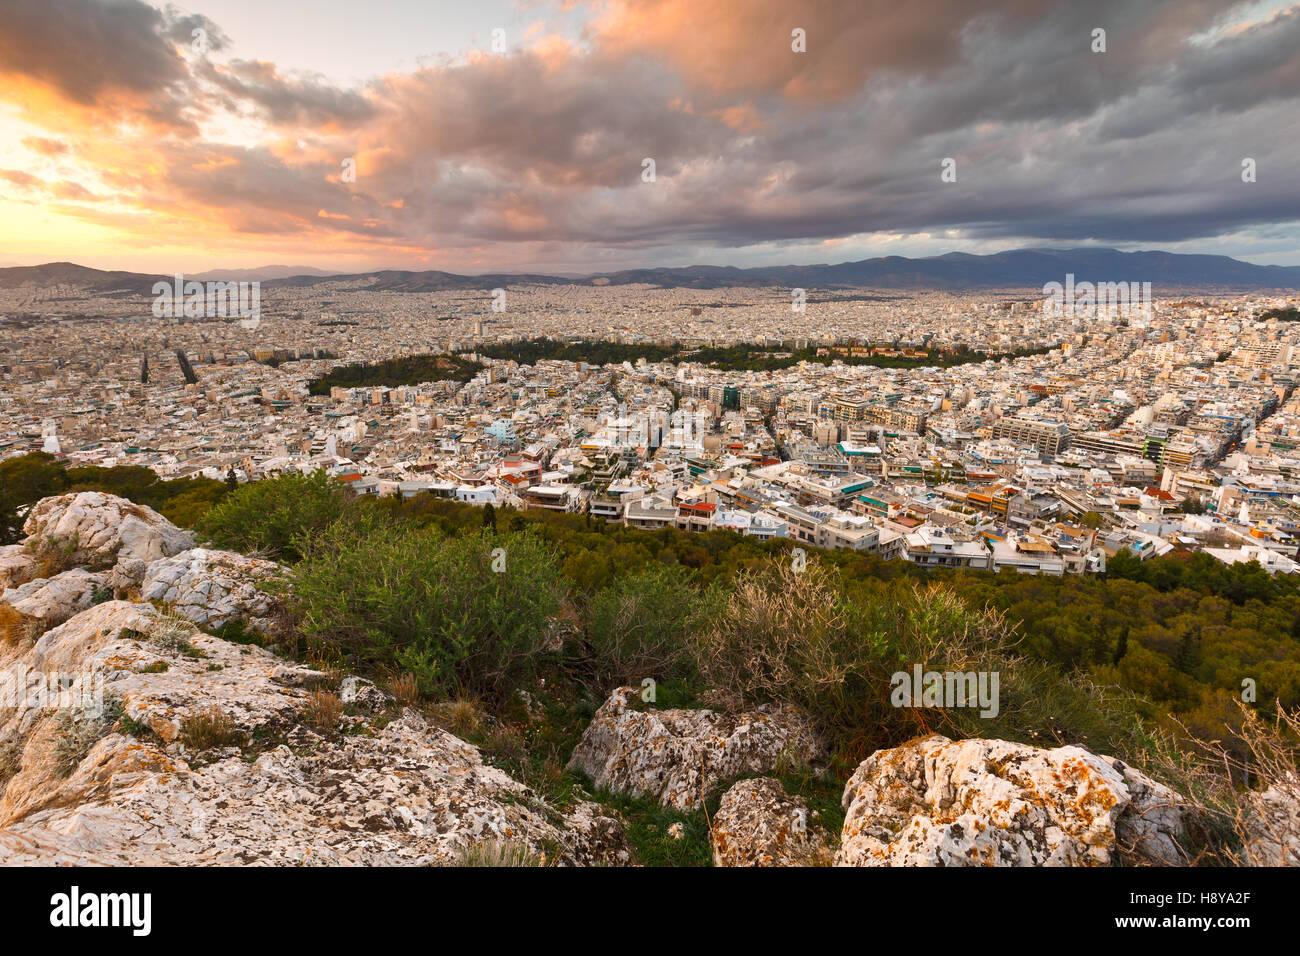 Vista de la Colina de Lycabettus de Atenas, Grecia. Imagen De Stock